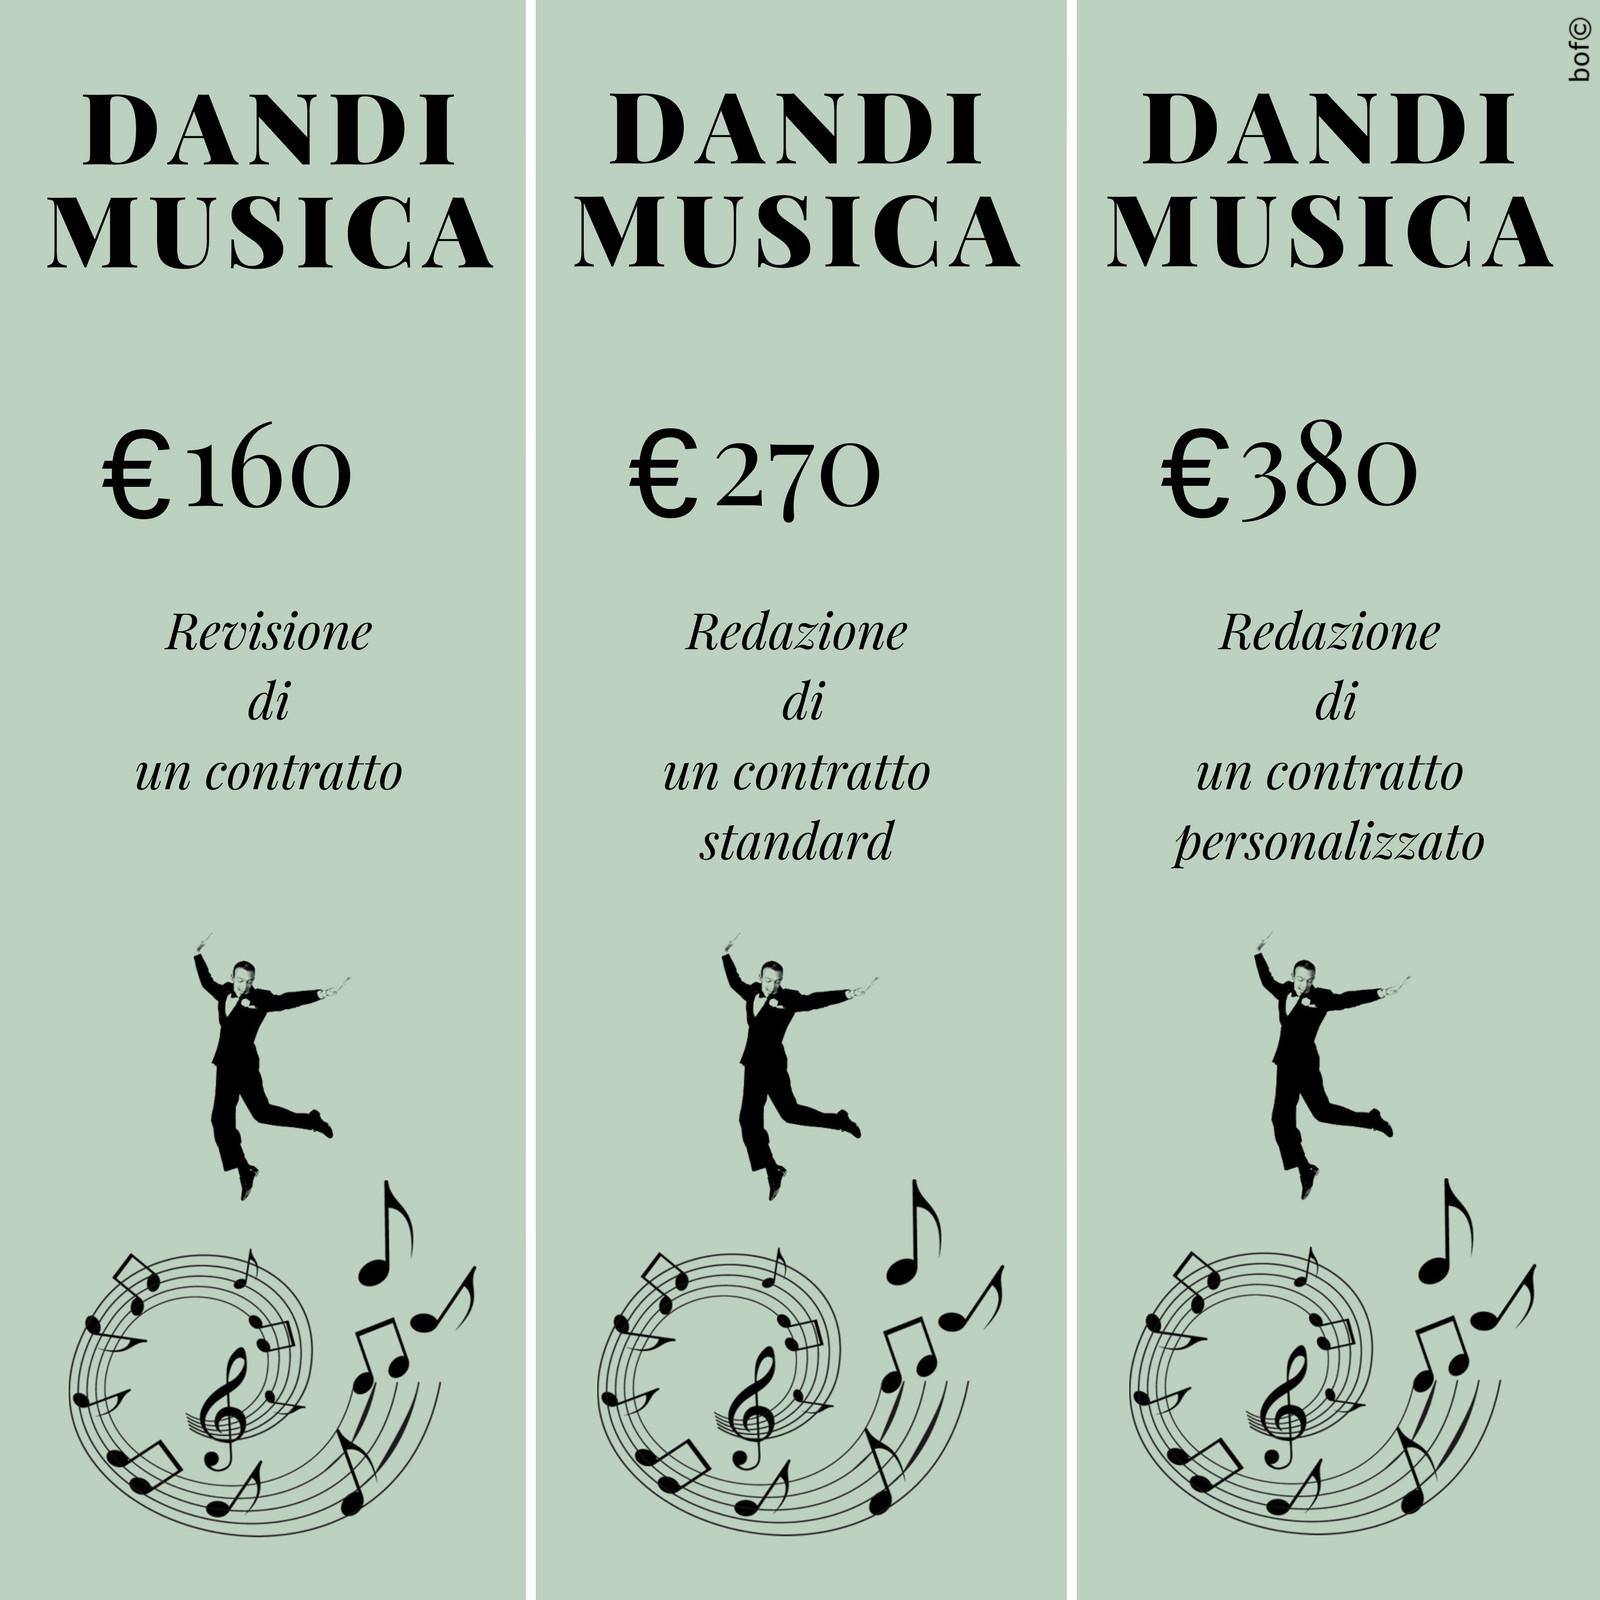 Dandi Musica